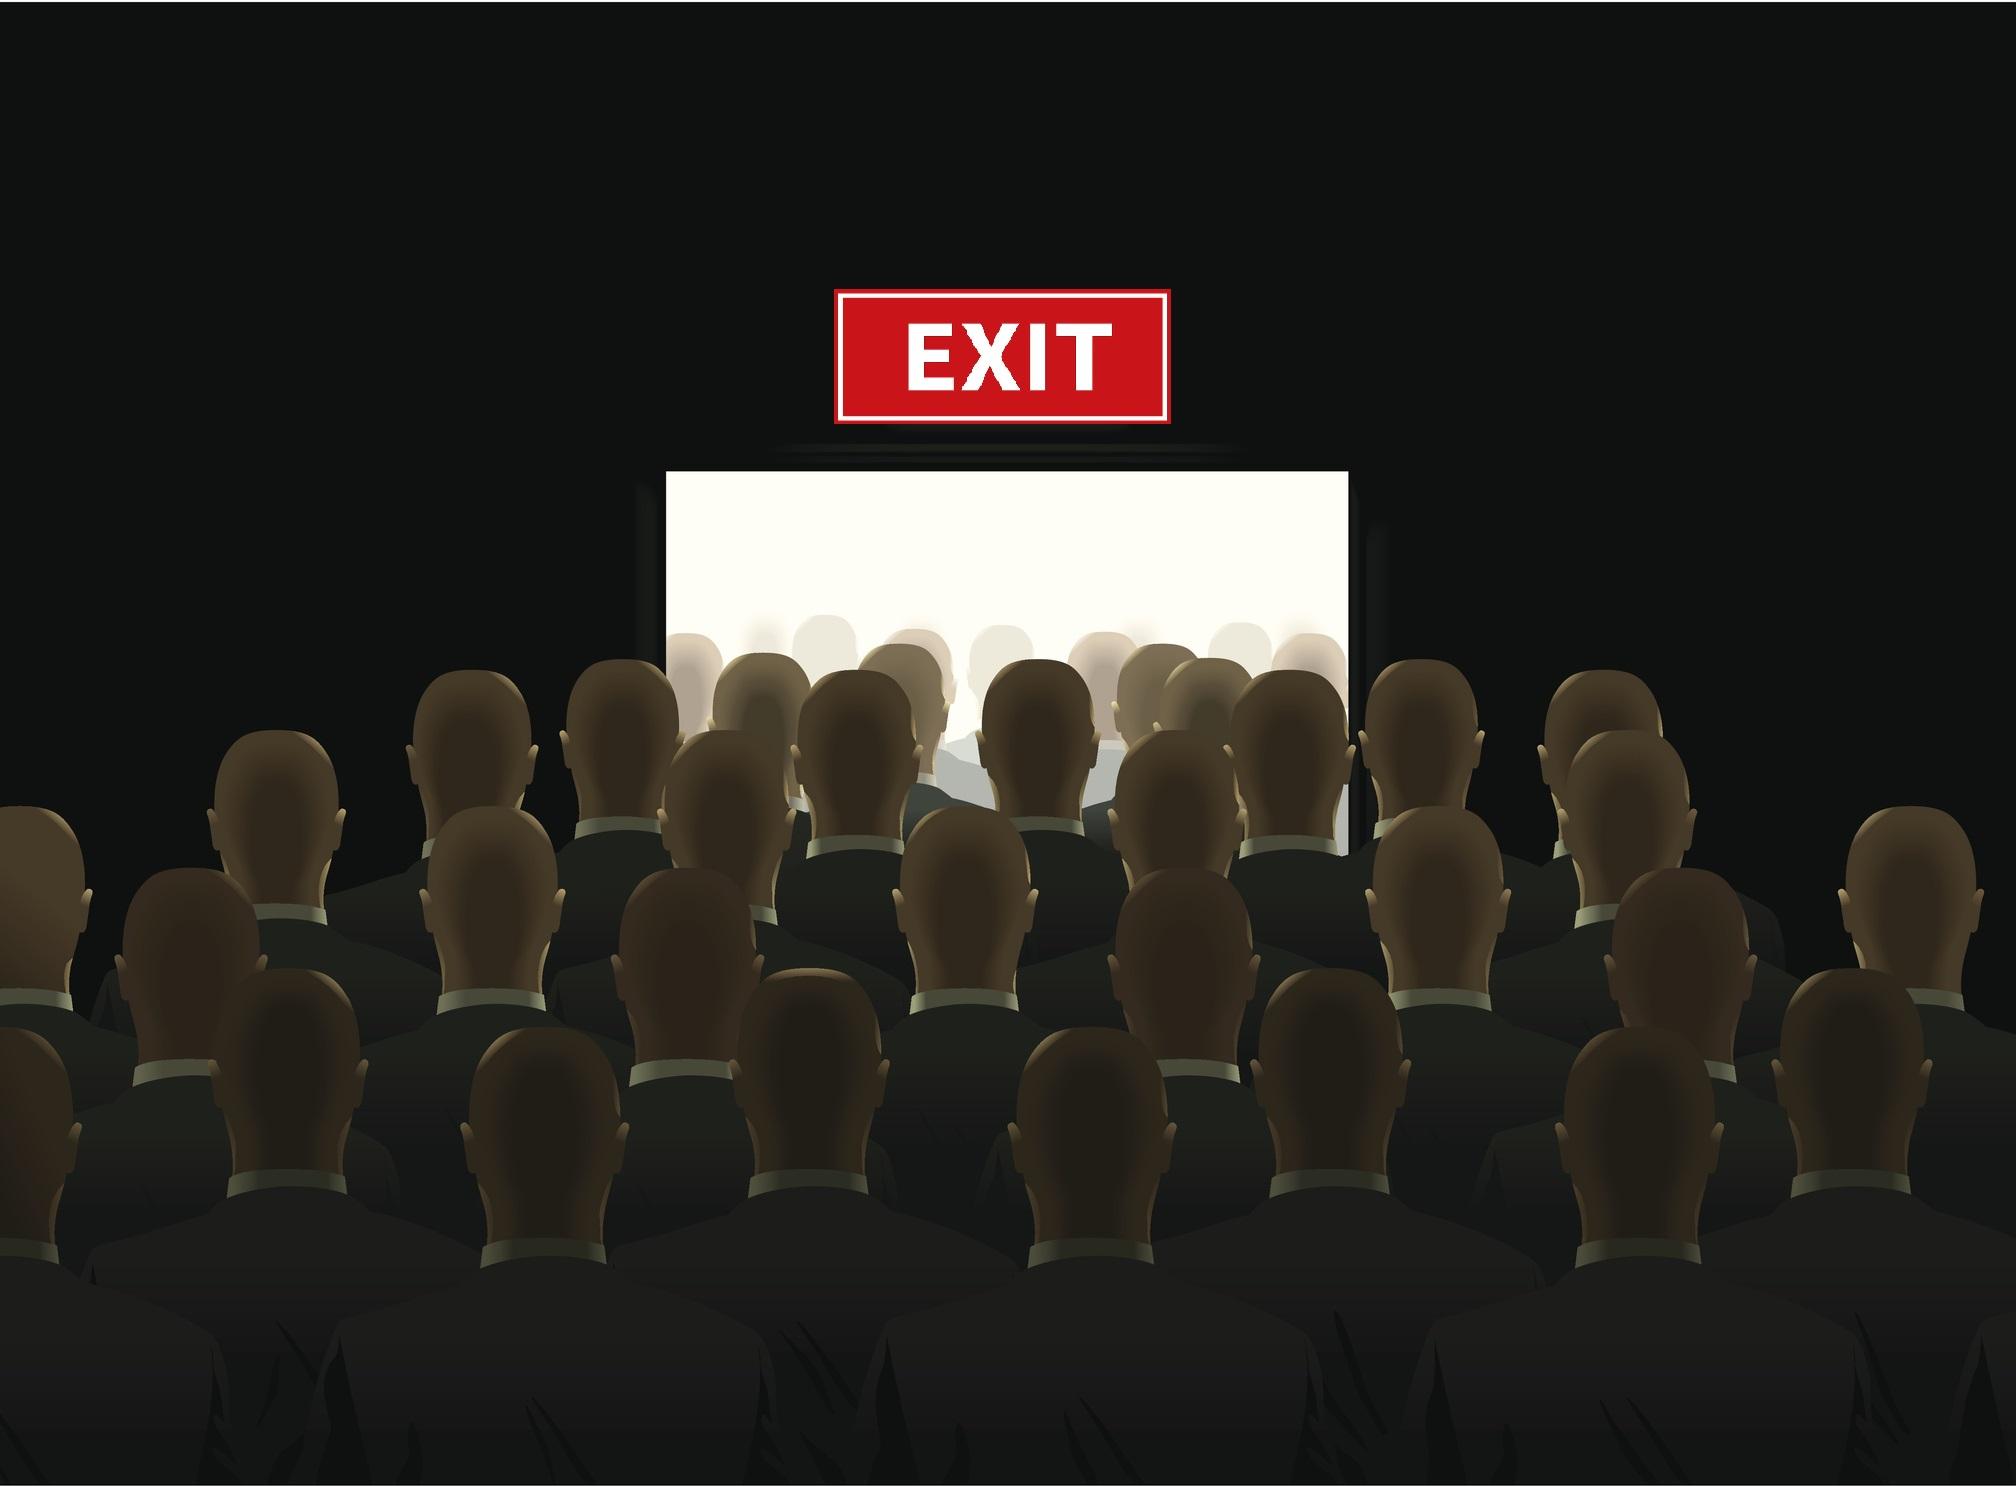 ODCE exit queue